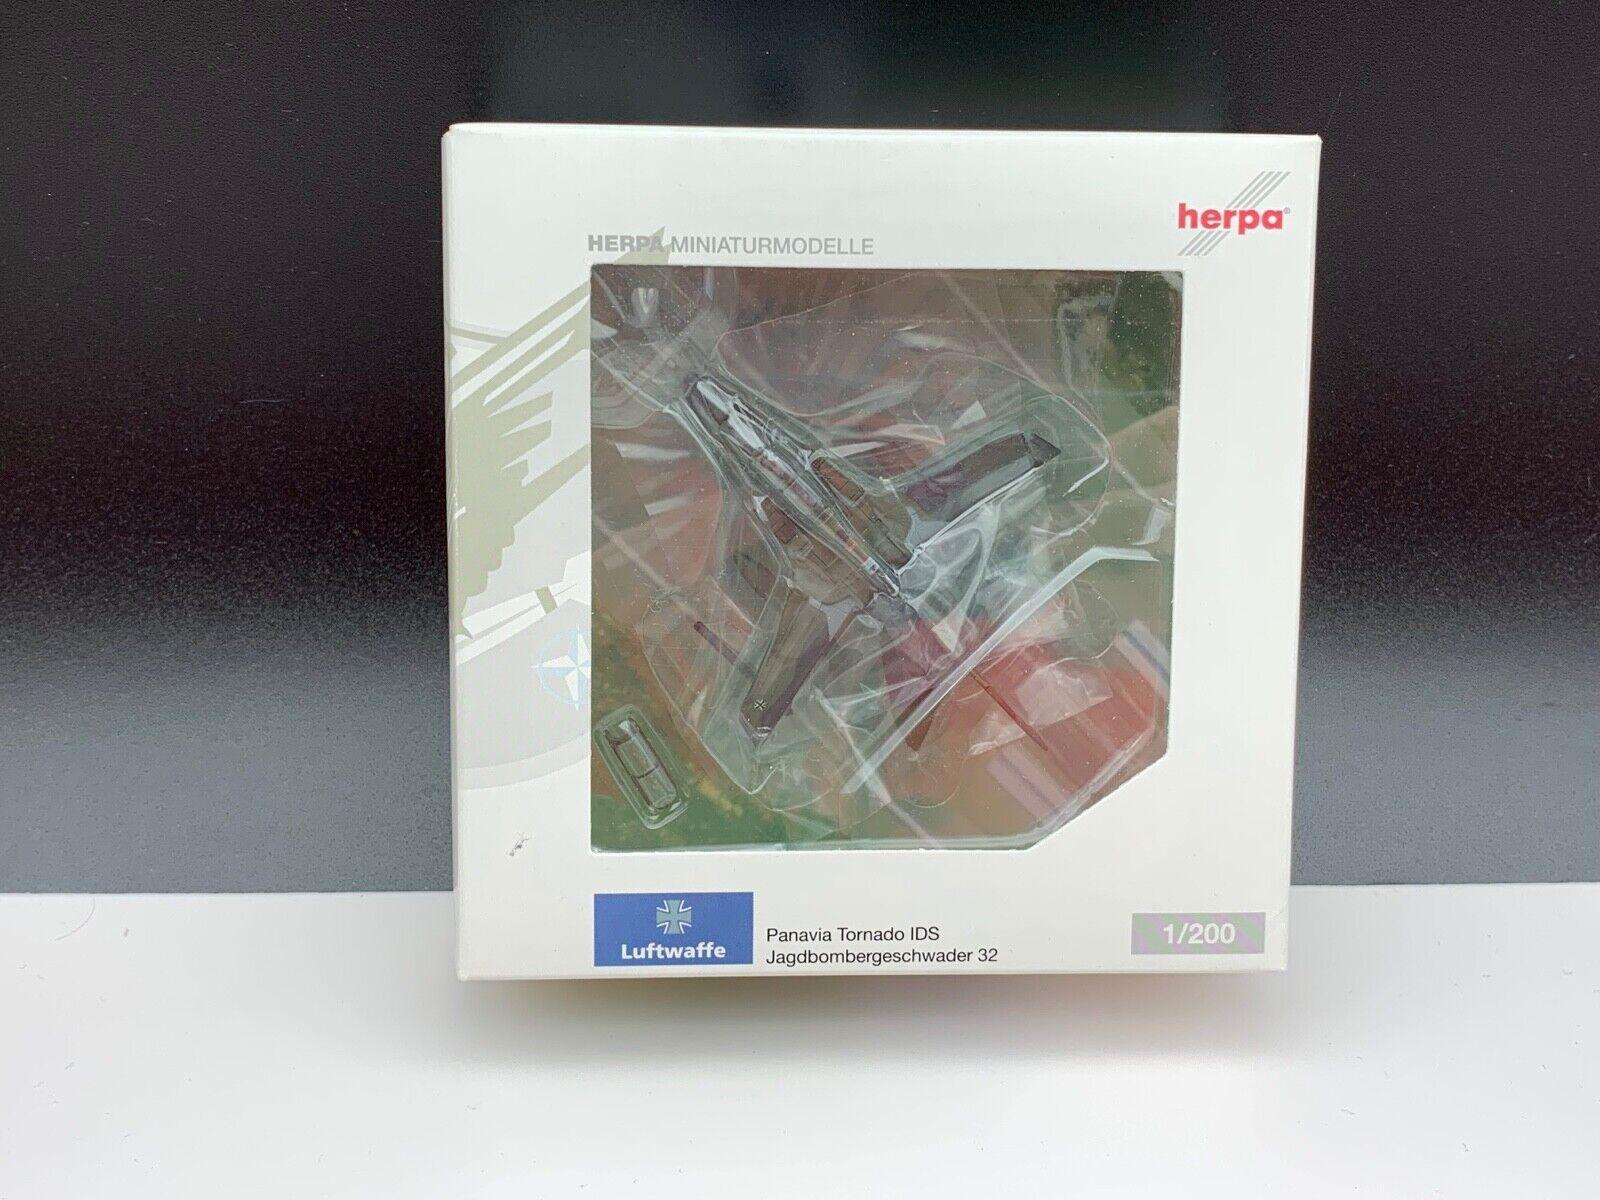 Herpa 552370 aereo modelli in miniatura aereo 1 200. mai estratto dalla confezione. Top